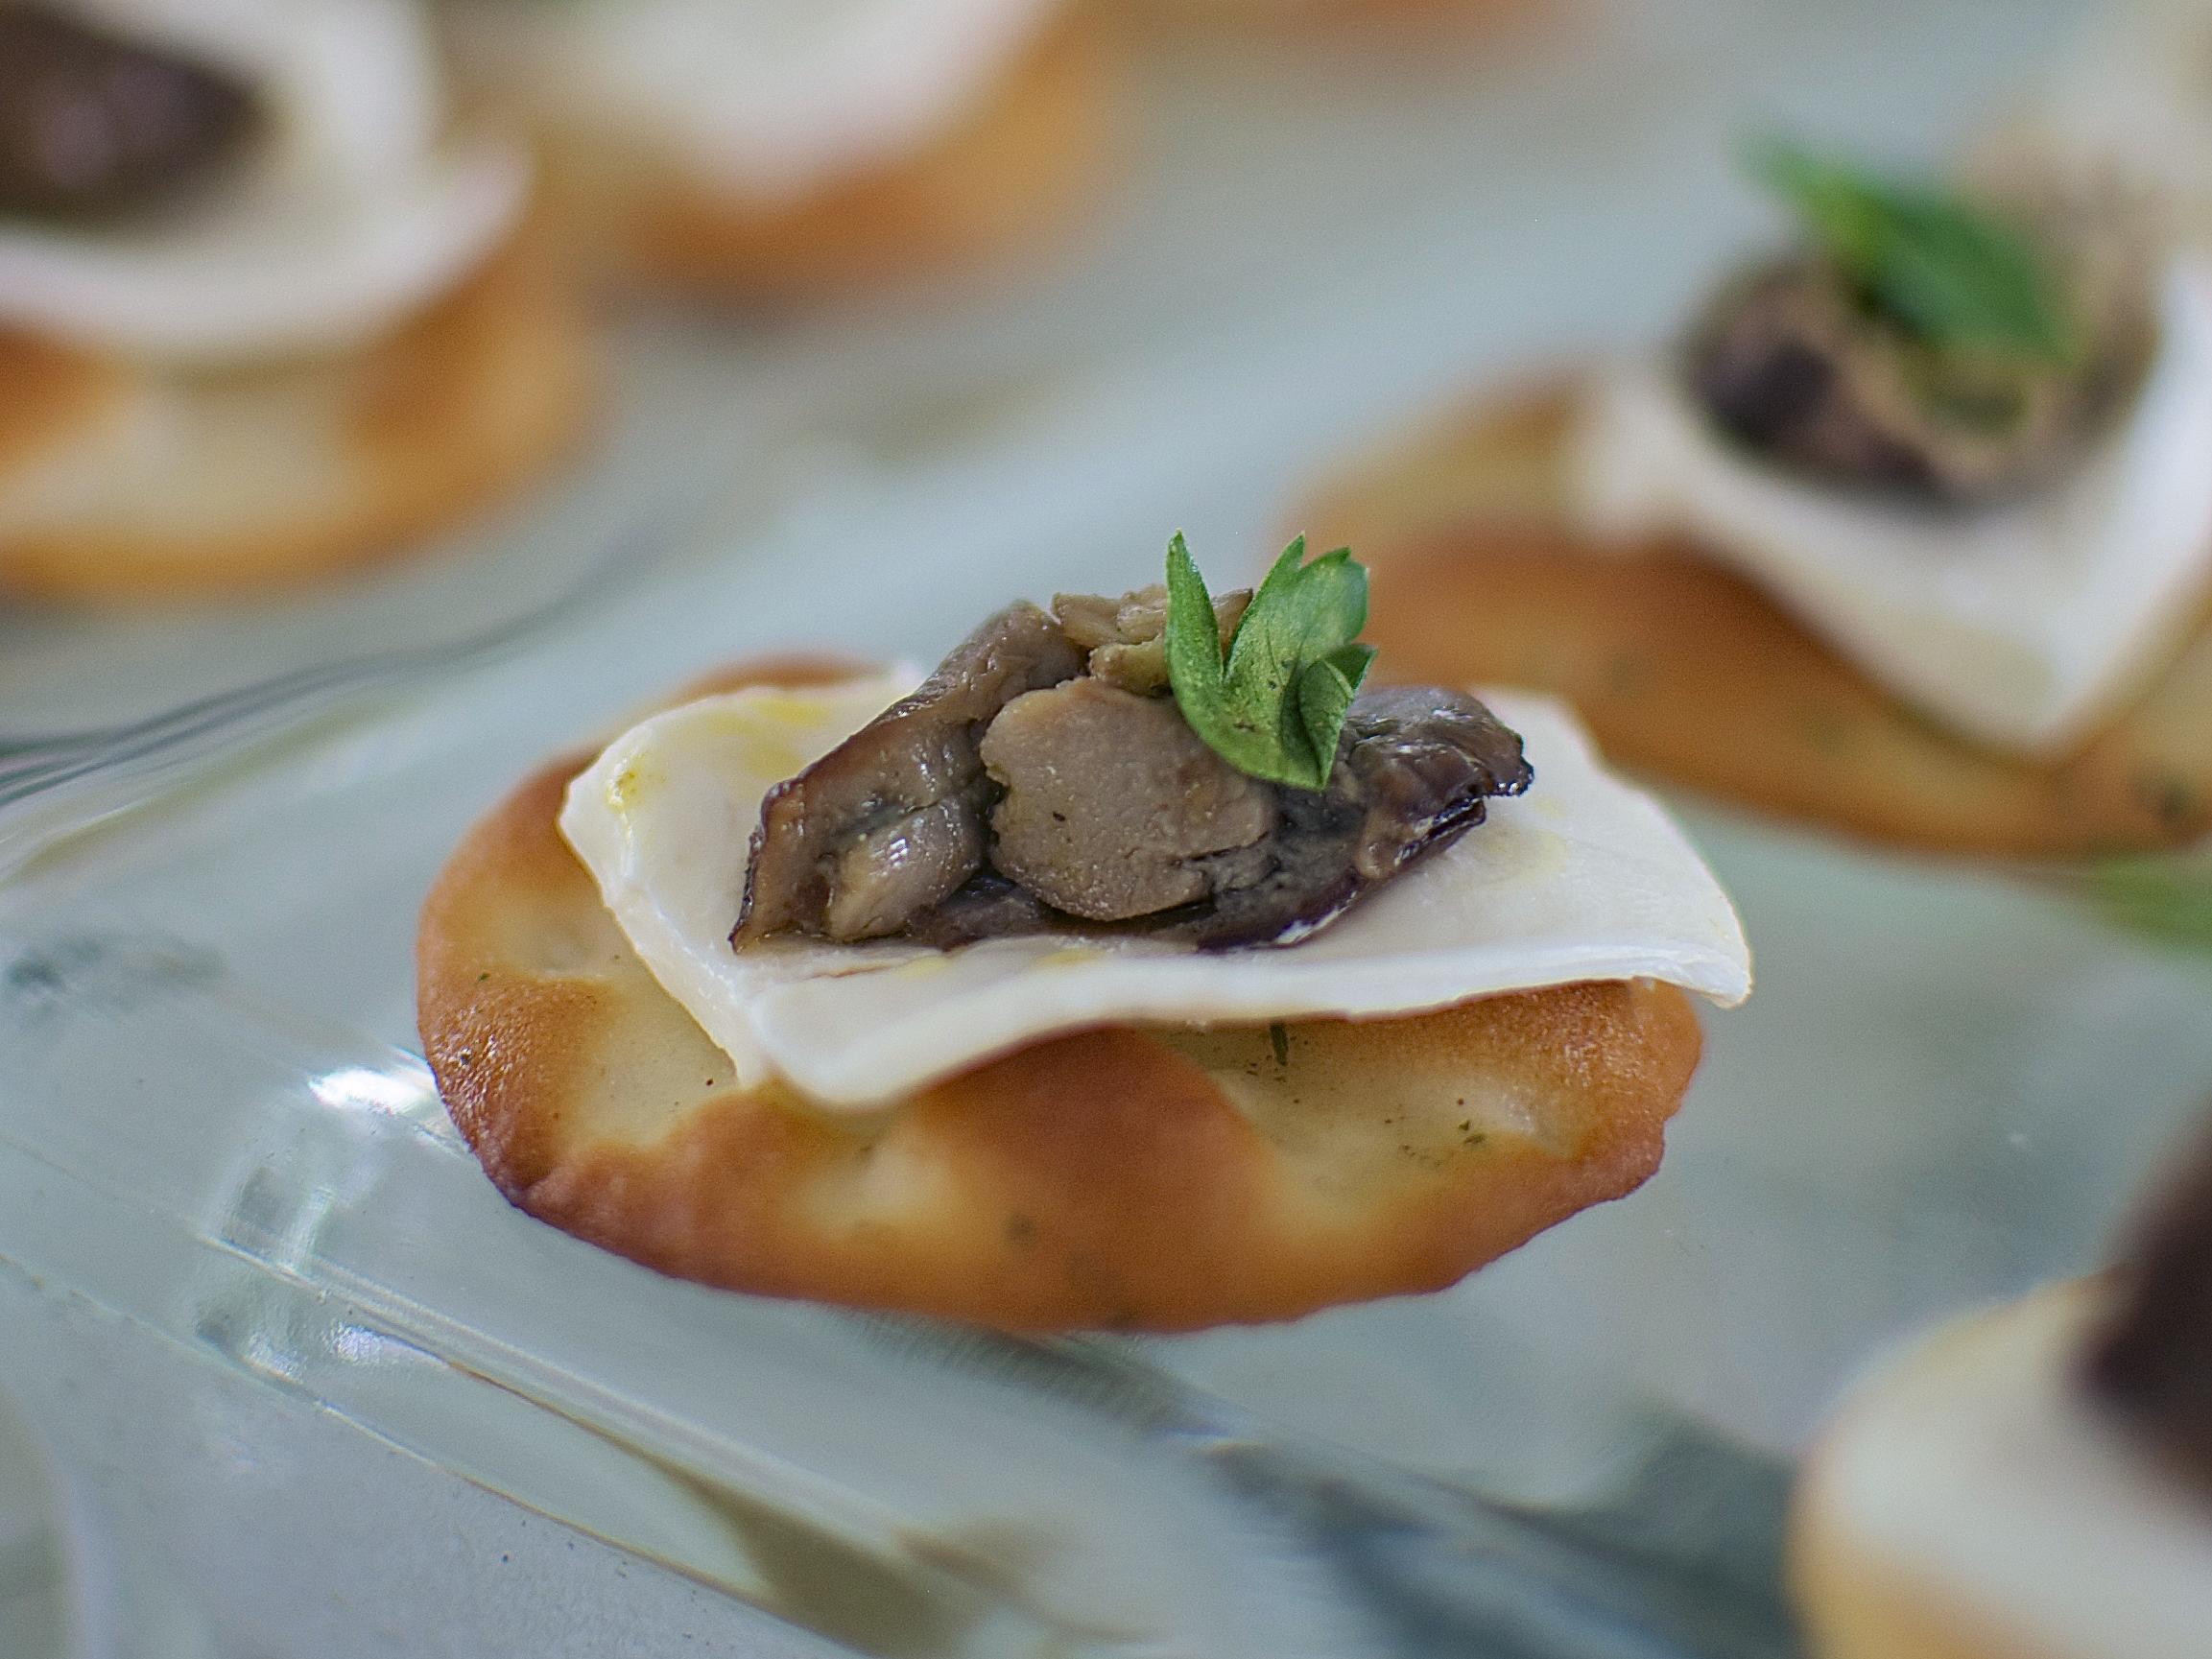 Galletita con Ostión Ahumado  Galletita con queso crema y ostiÓn ahumado. (MÍNIMO 25 PIEZAS) Precio por pieza $ 13.00